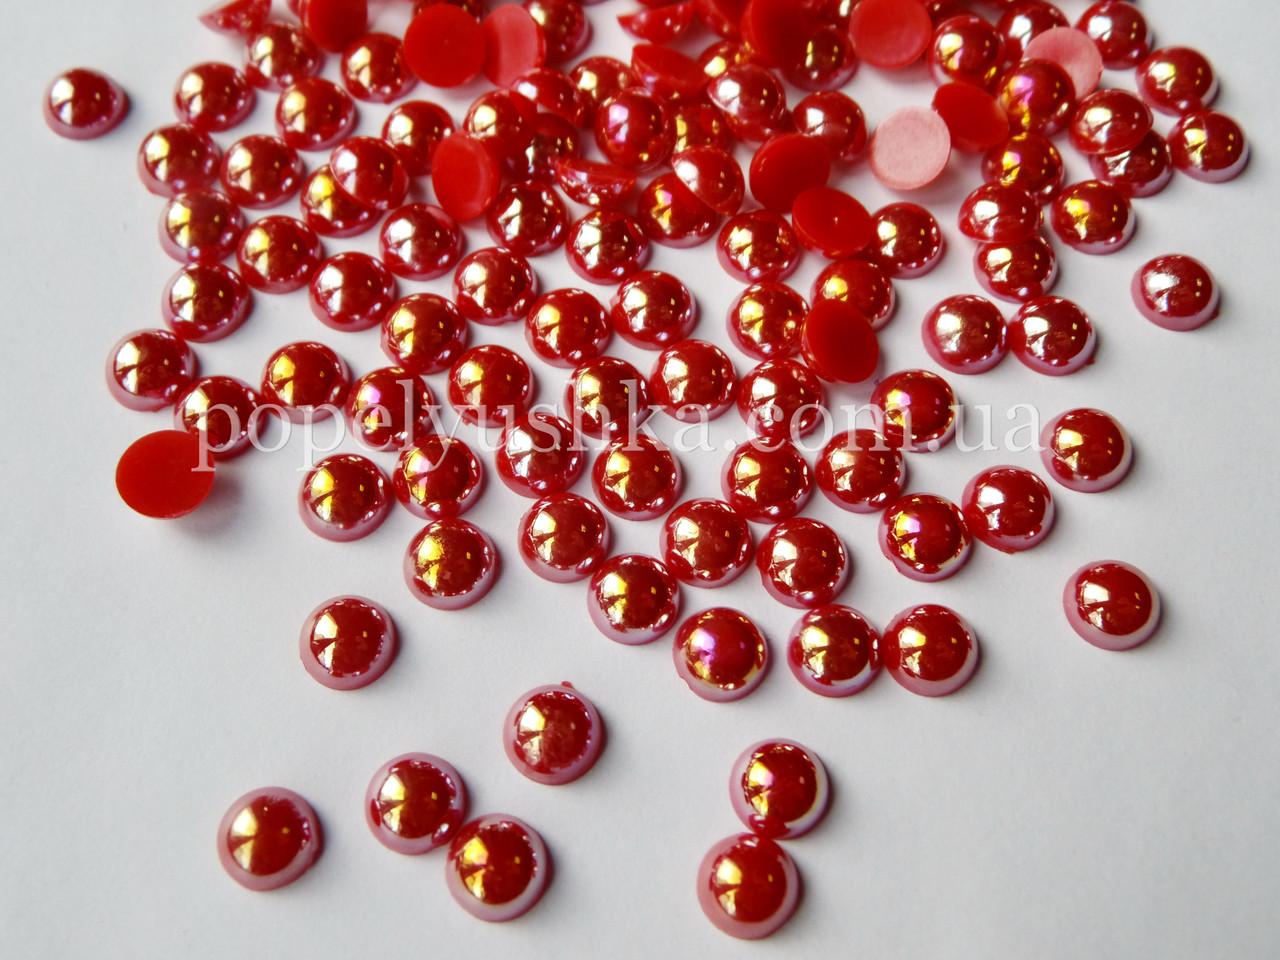 Половинки намистин 8 мм червоні хамелеони (50 шт)